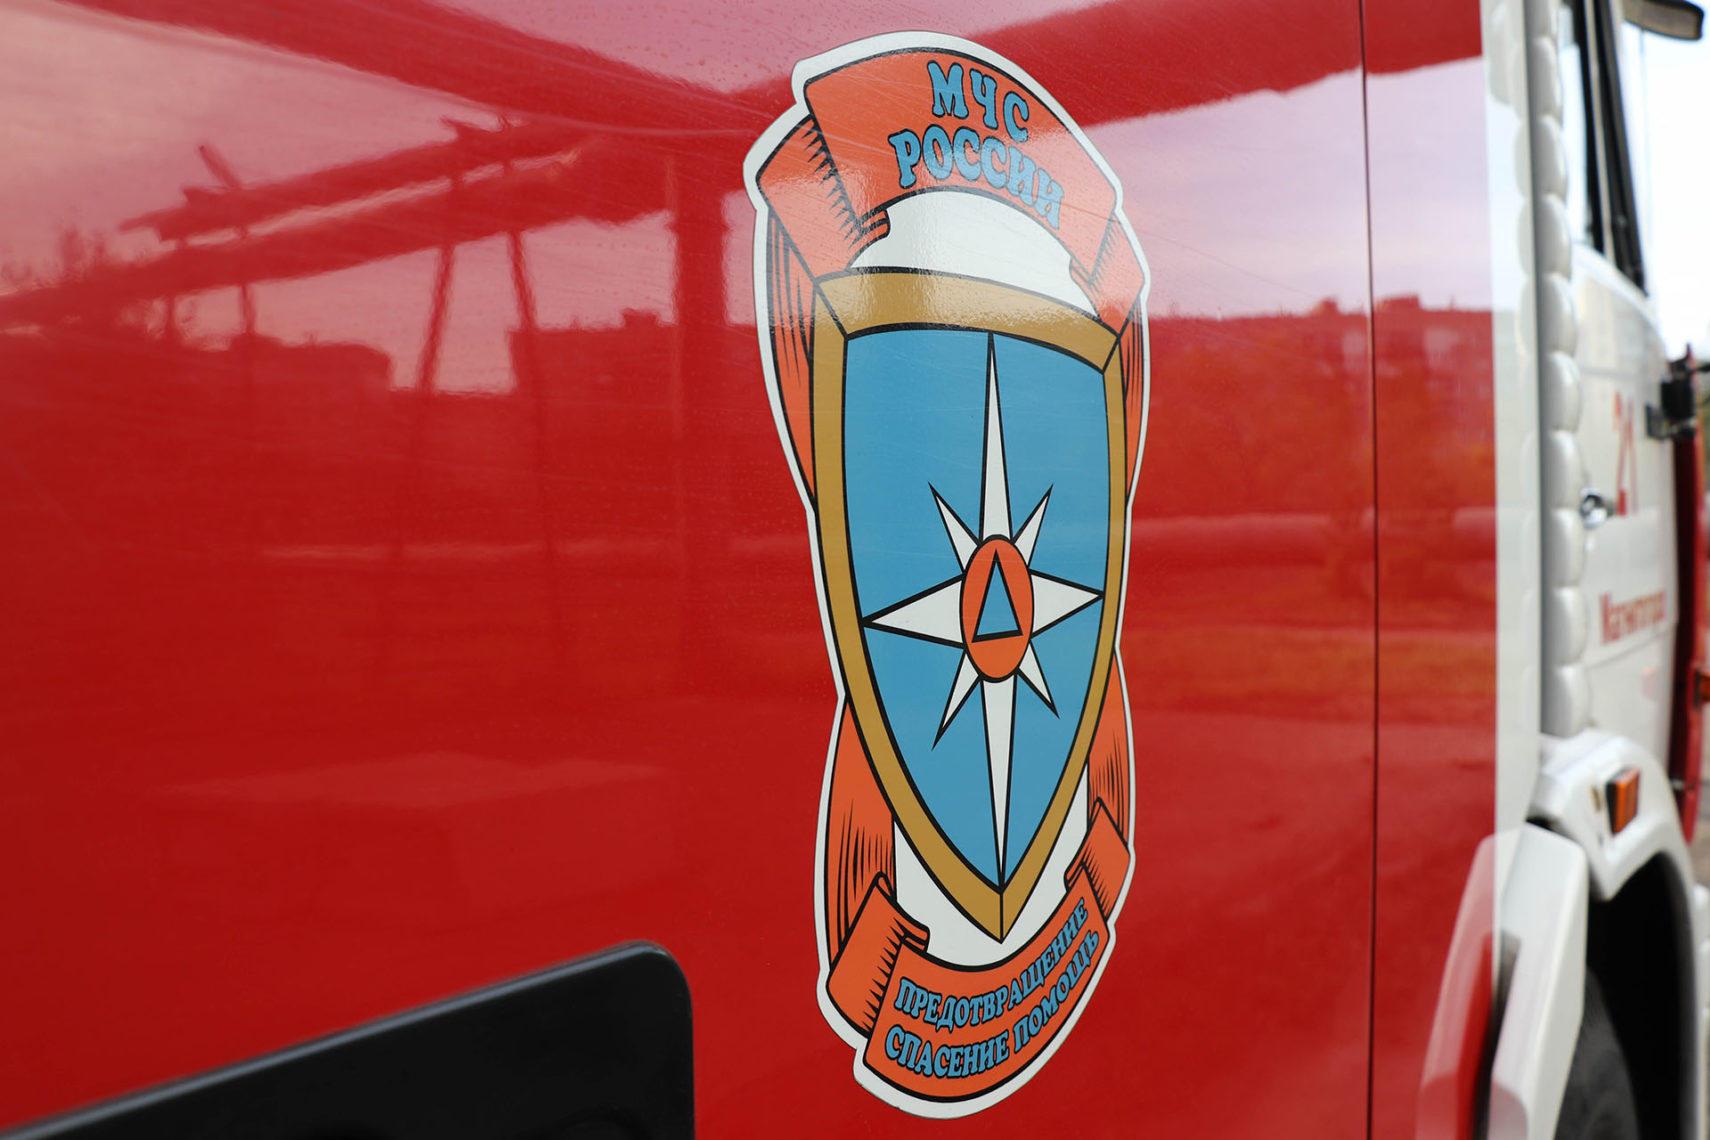 Текселеру доложили о причинах взрыва нового кислородного оборудования в больнице Челябинска   Магнитогорск